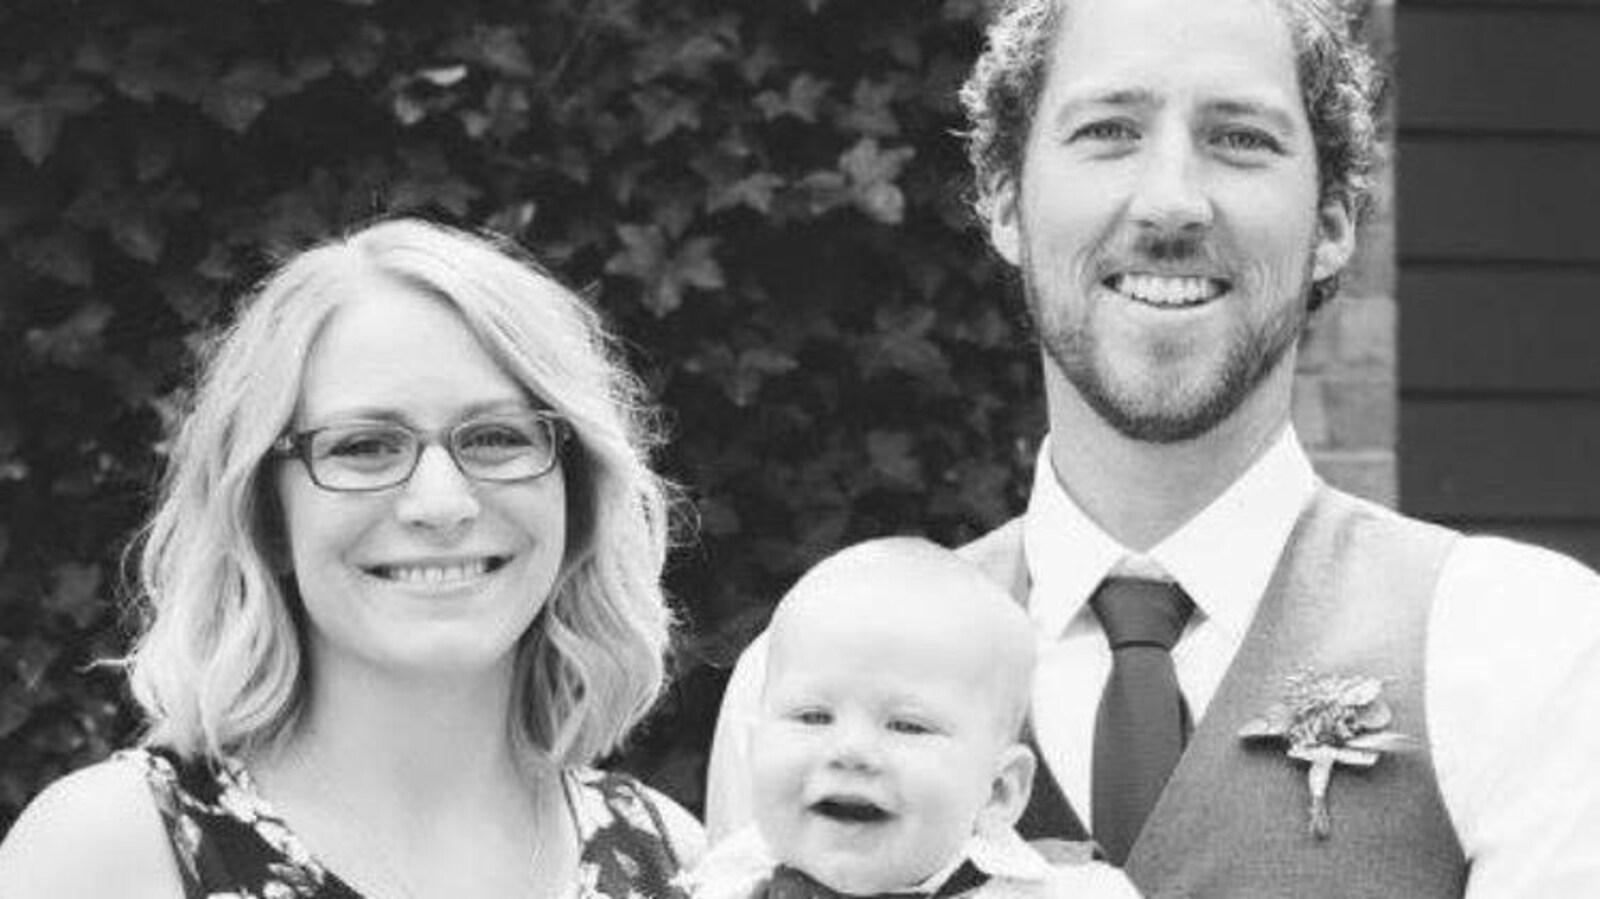 Portrait de famille en noir et blanc avec Mélanie Hugues (à gauche), son mari (à droite) et leur bébé Winston dans ses bras.